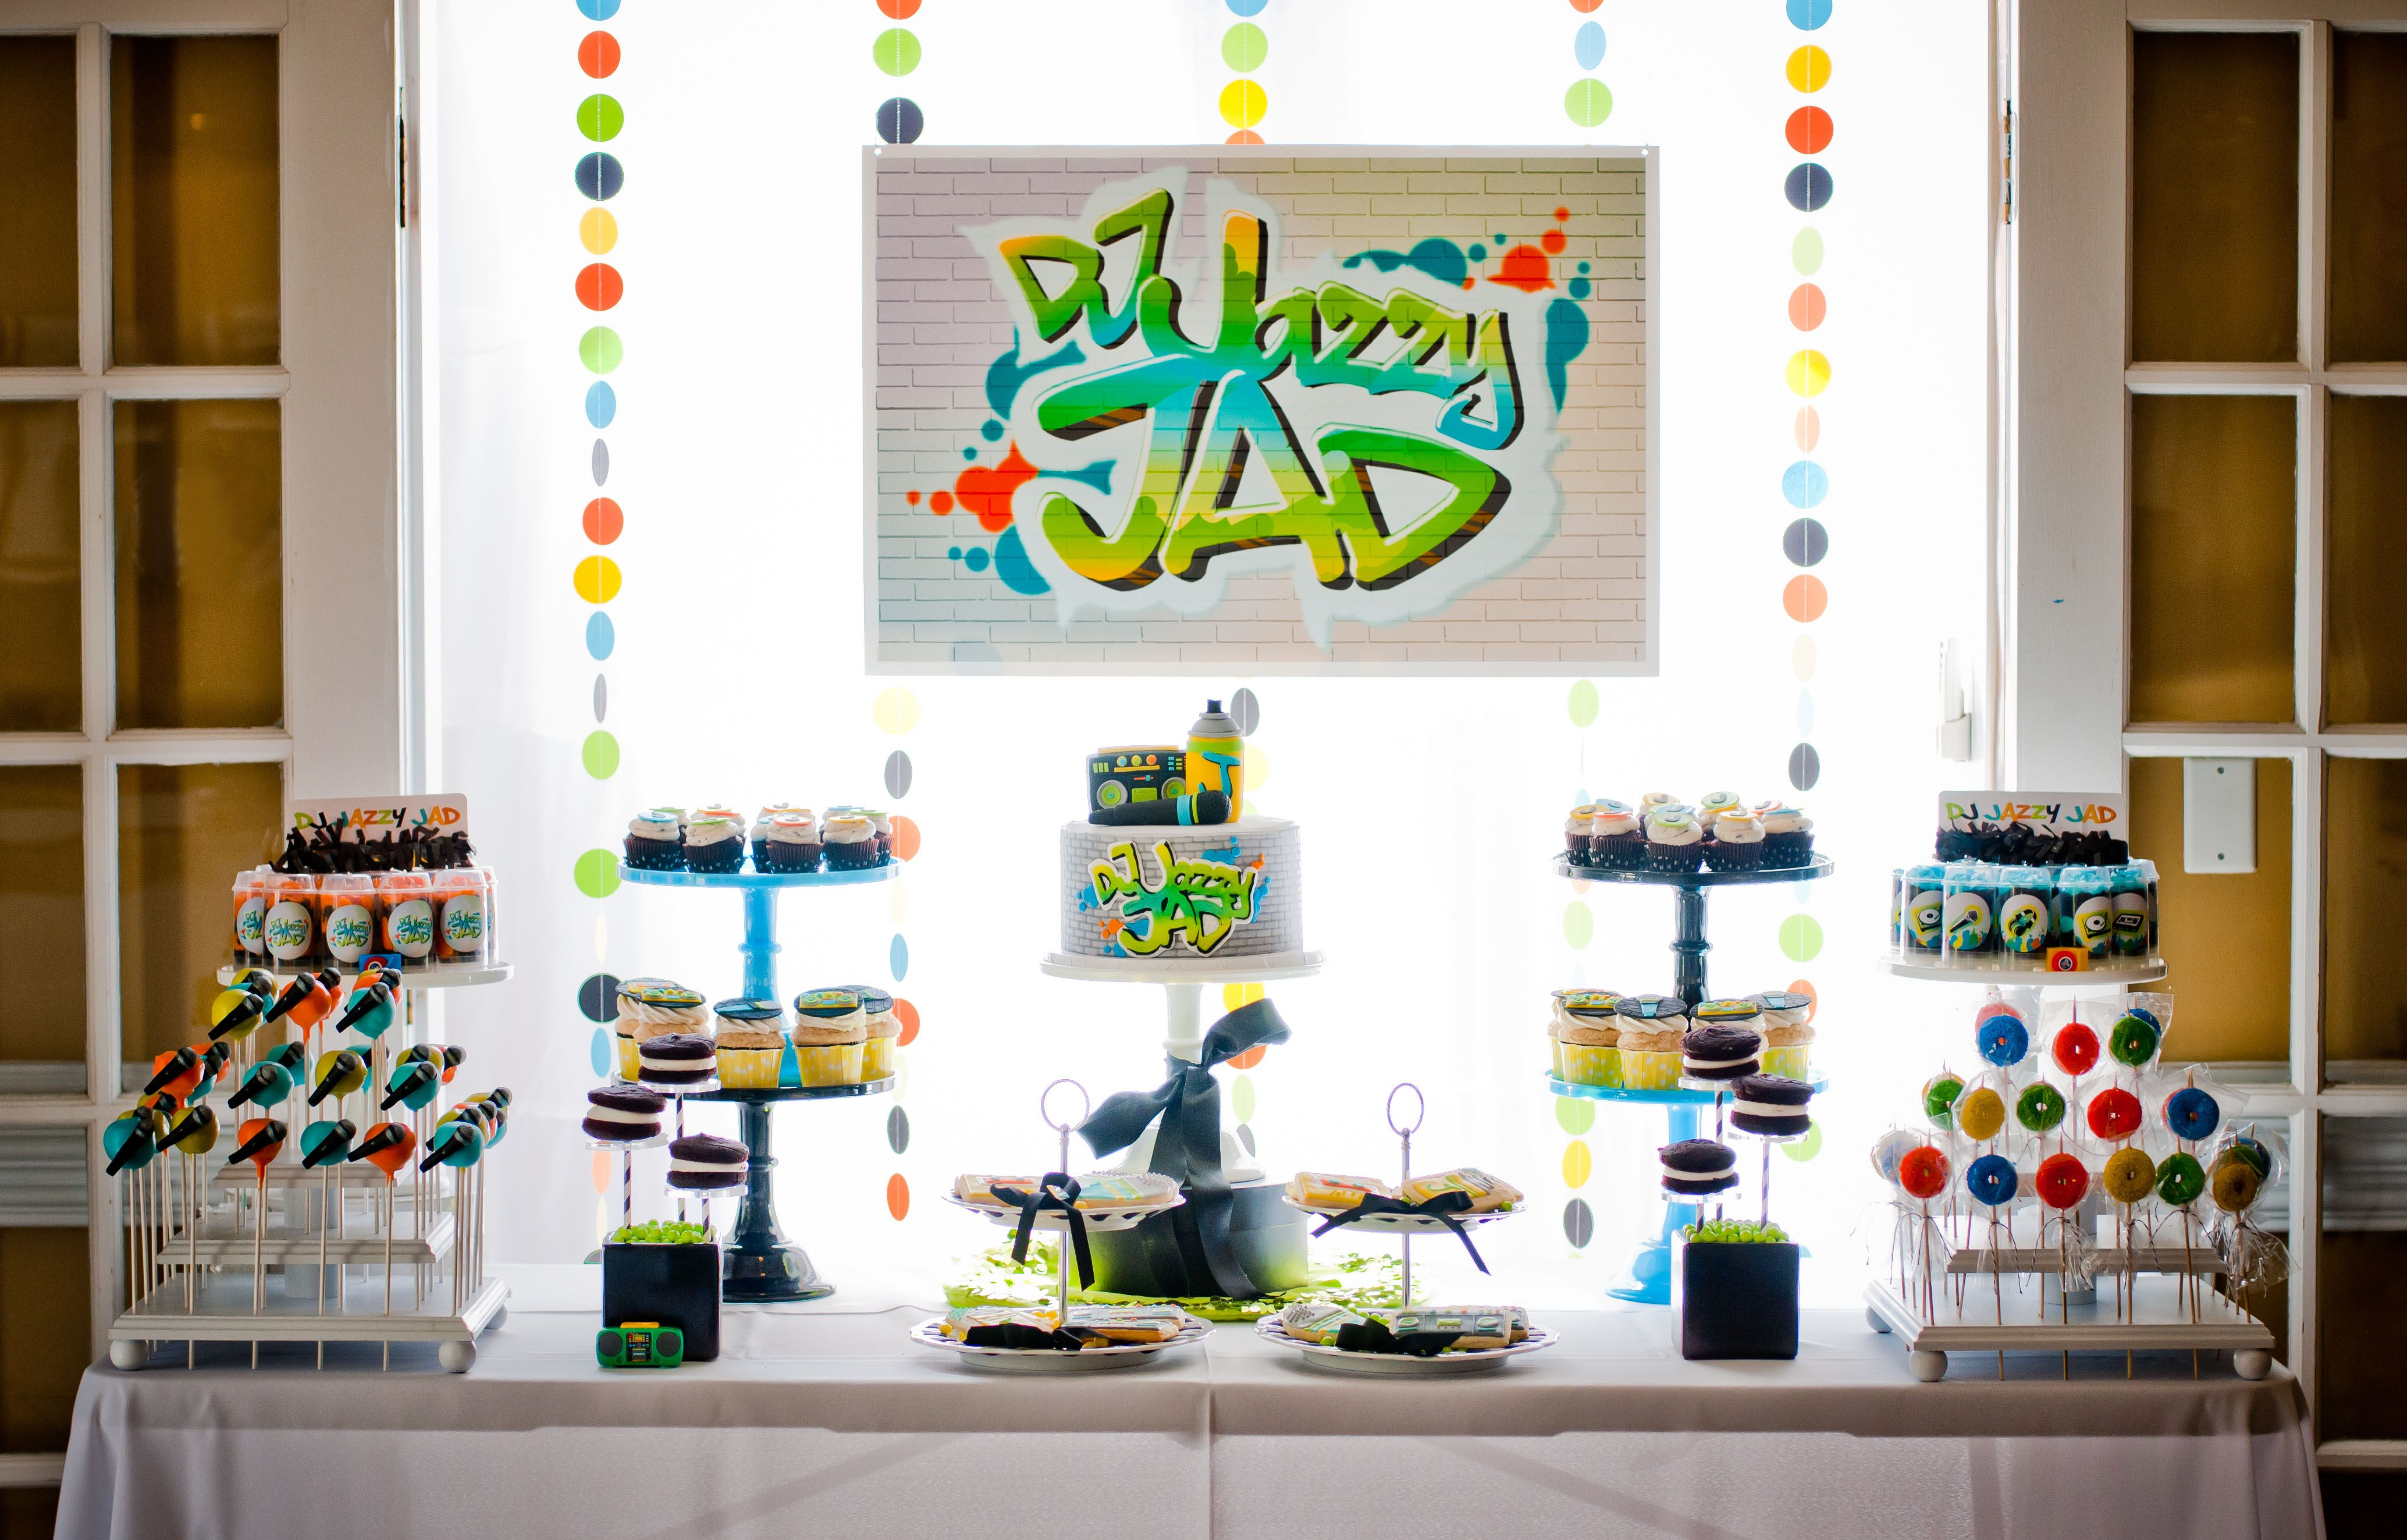 DJ Jazzy Jeff & Fresh Prince Inspired Party Desserts